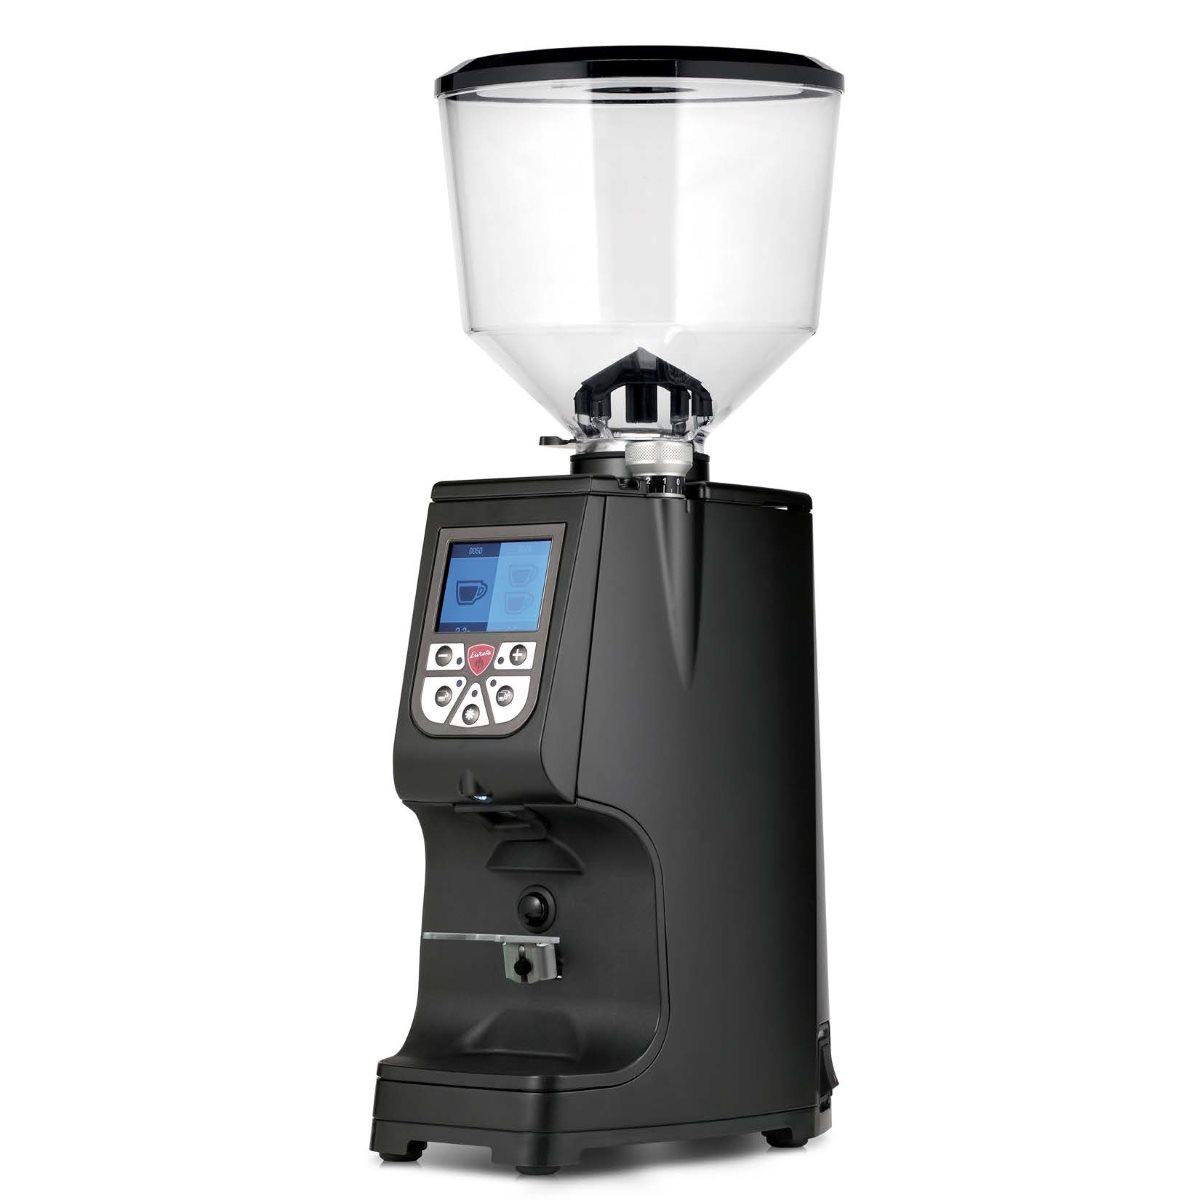 Râşniţă de cafea Eureka Atom Specialty 65